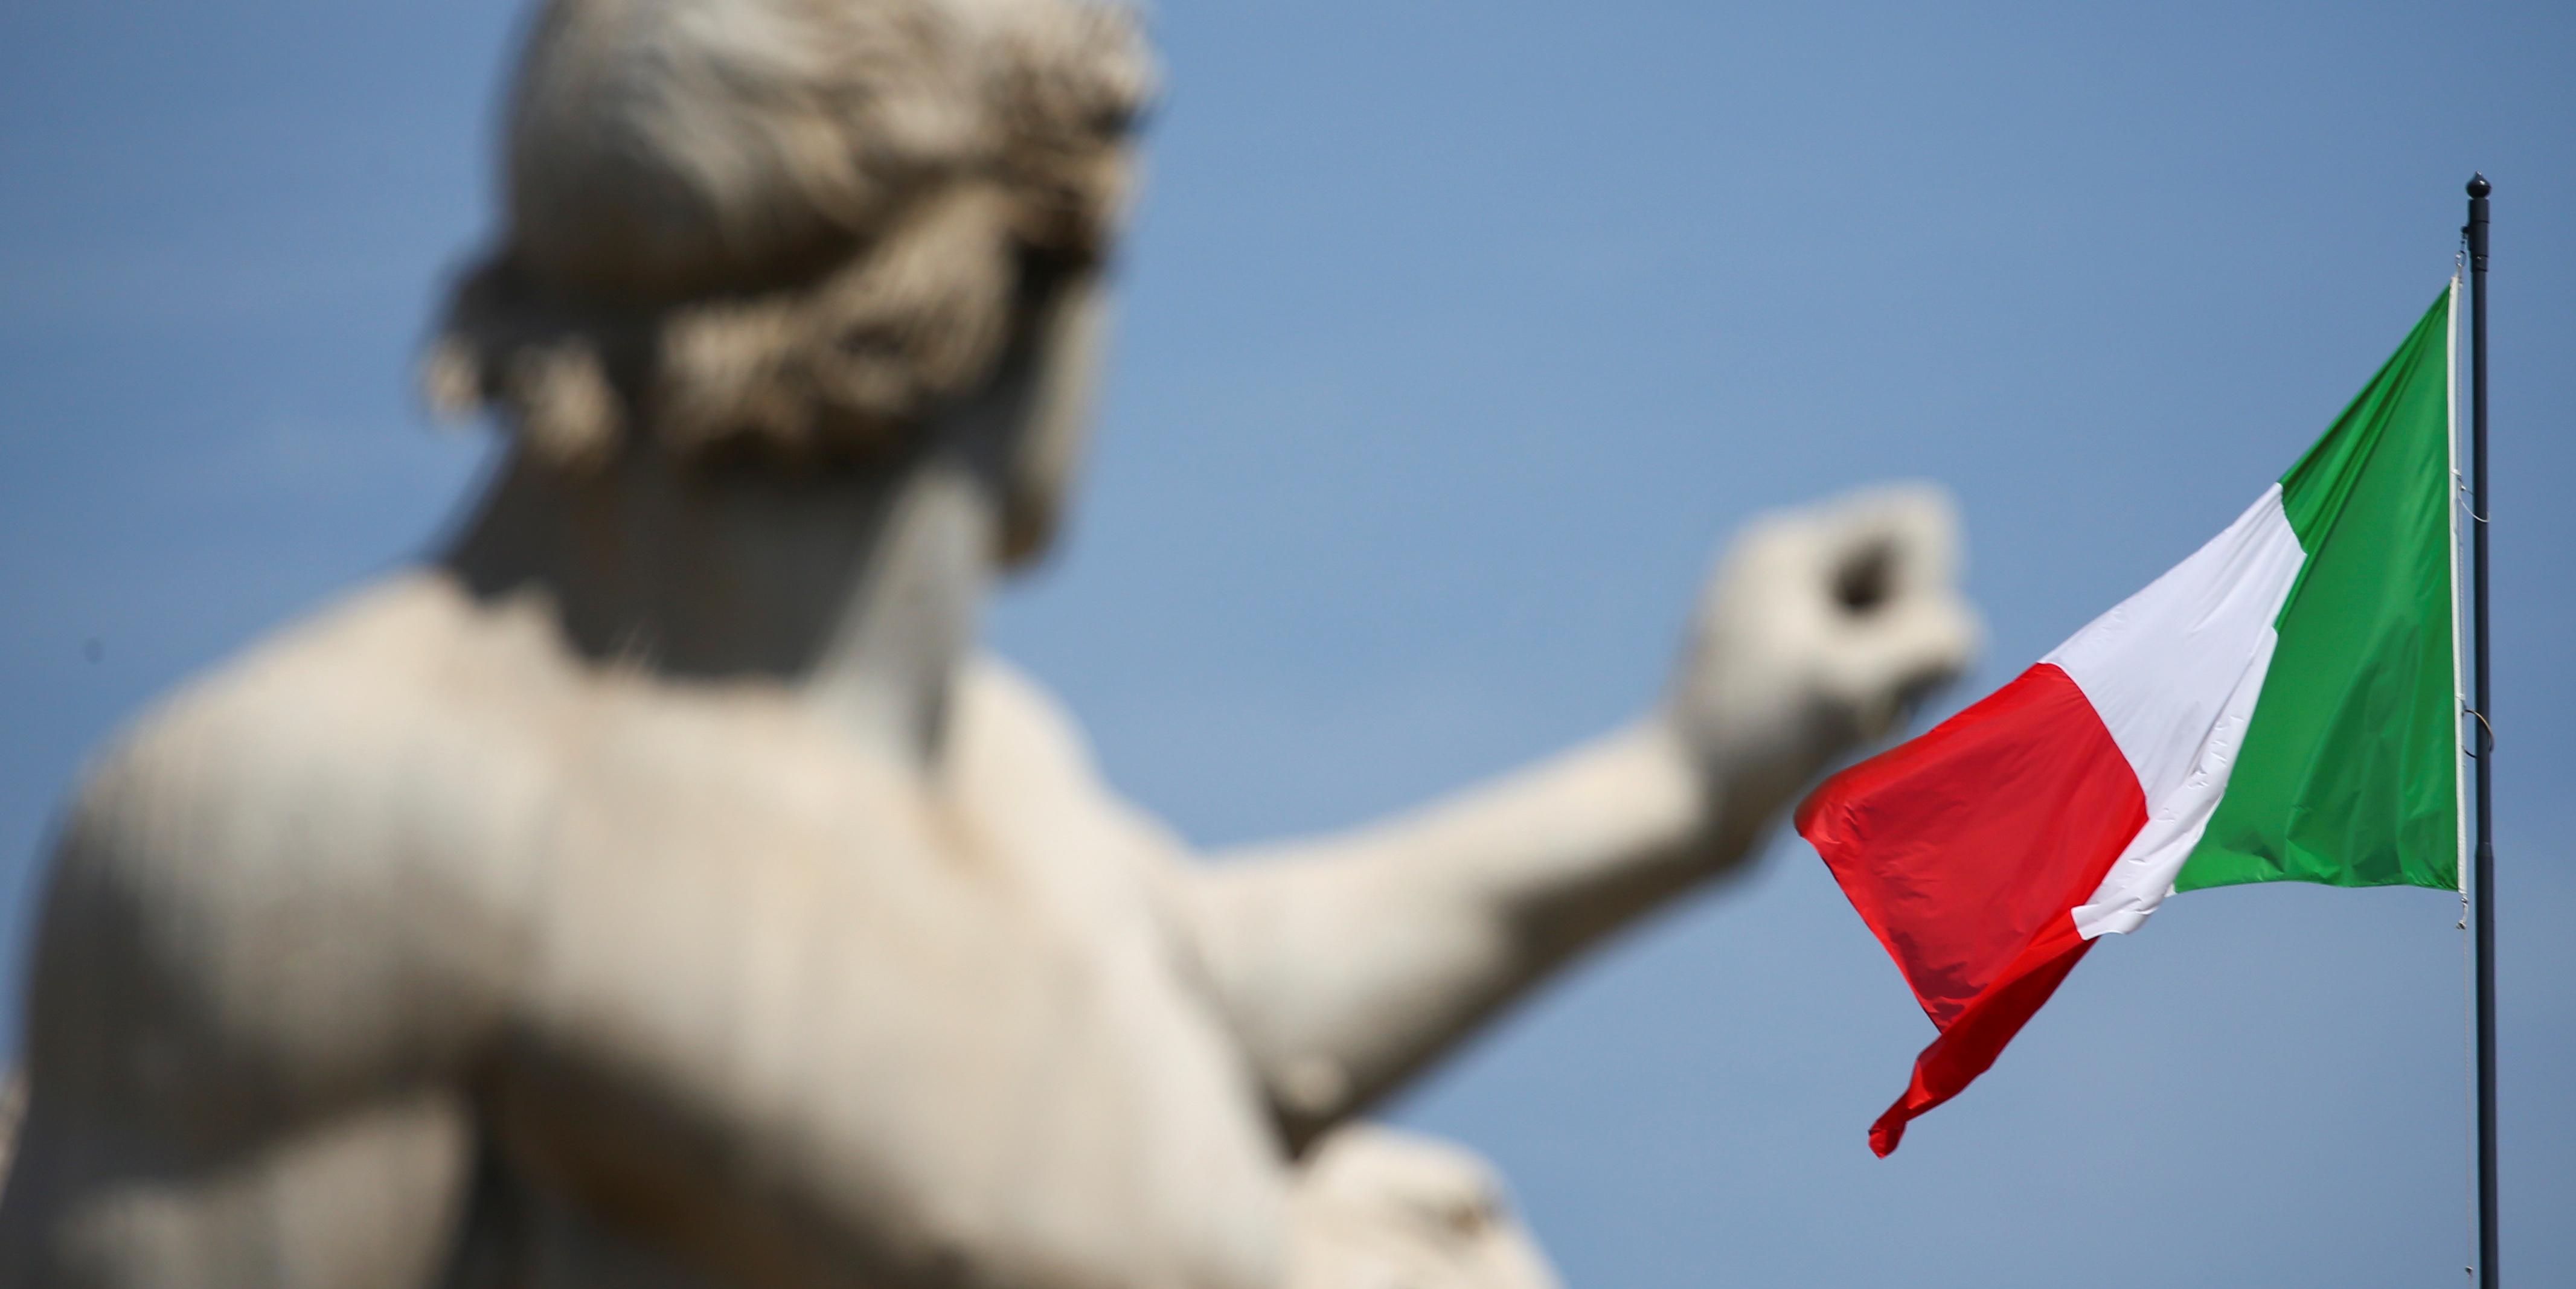 italie-des-lueurs-d-espoir-dans-le-pib-detaille-du-quatrieme-trimestre